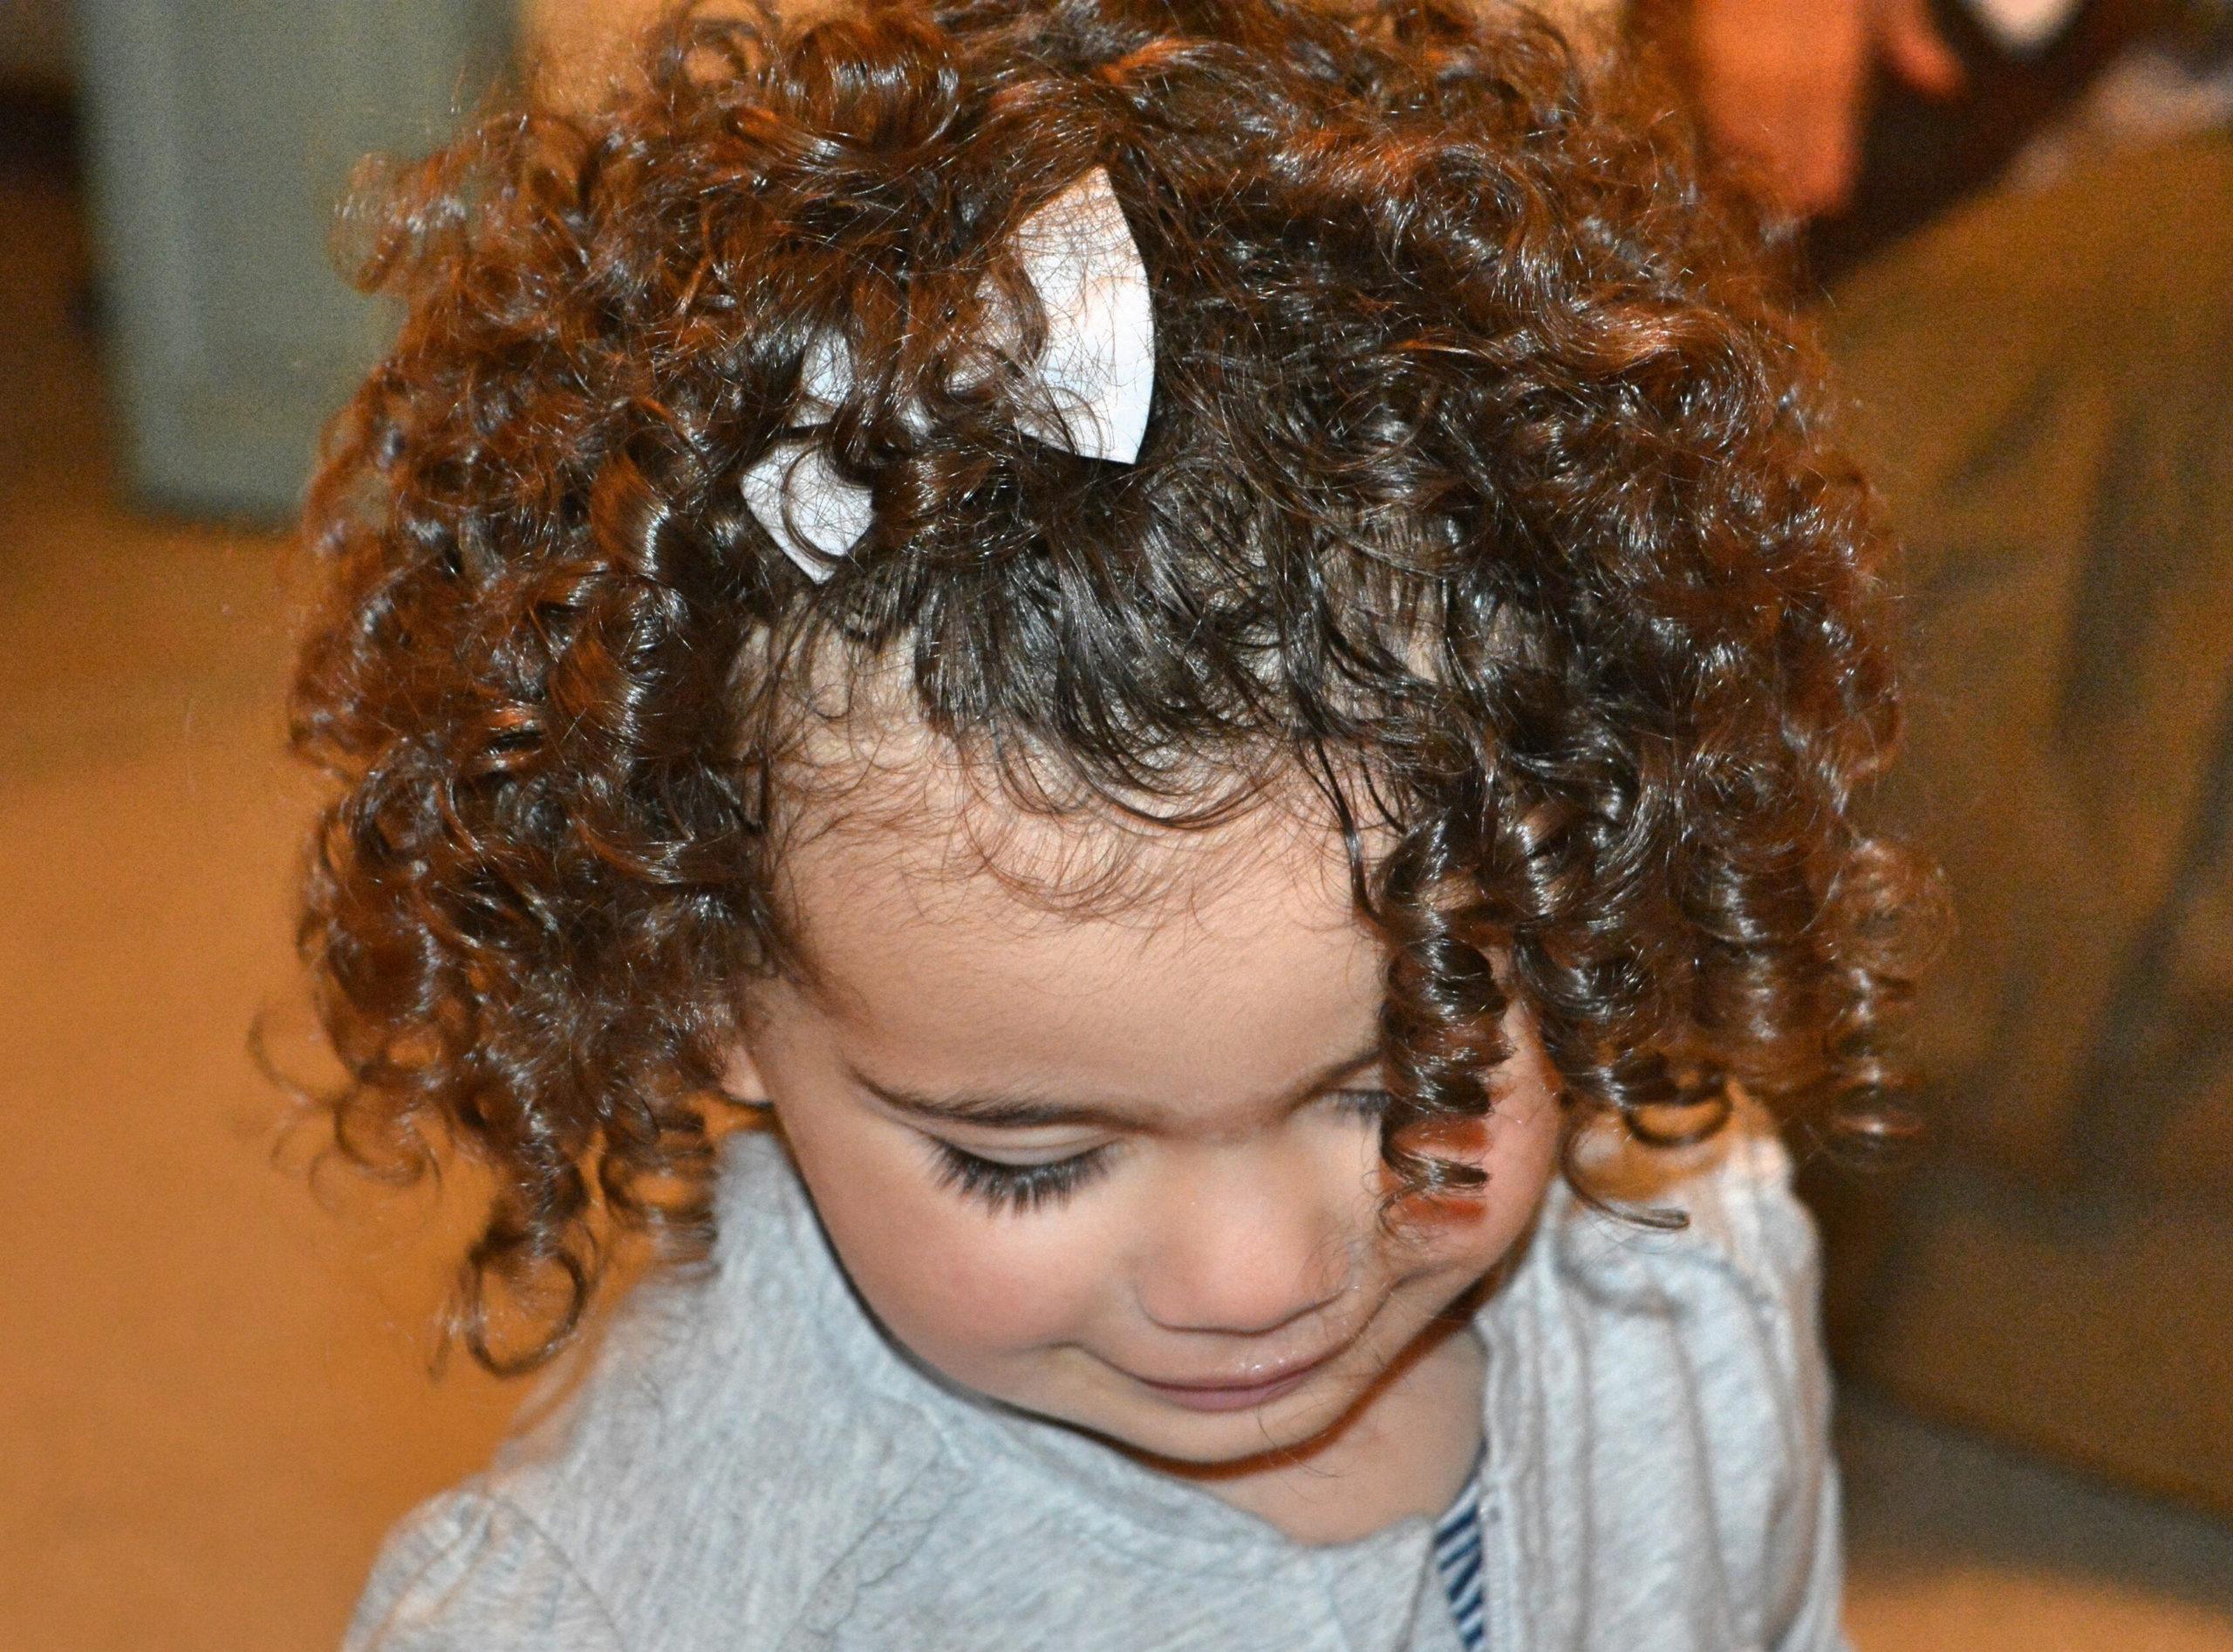 Entretenir les cheveux bouclés de mon enfant naturellement